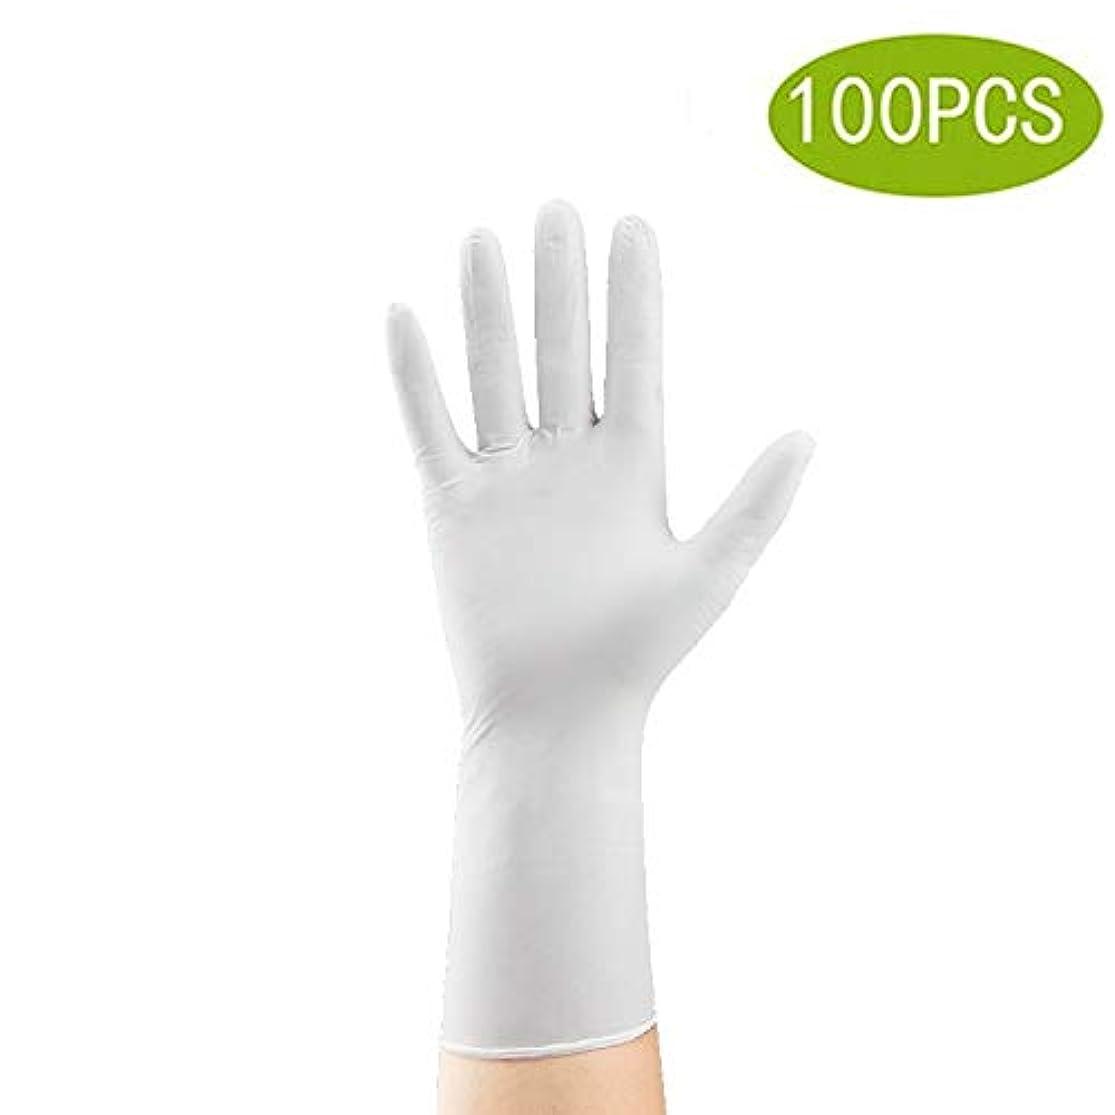 バイソン変化ポルノ12インチメディカル試験ラテックス手袋| Jewelry-stores.co.uk5ミル厚、100個入りパウダーフリー、無菌、頑丈な試験用手袋|病院用プロフェッショナルグレード、法執行機関、使い捨て安全手袋 (Size...